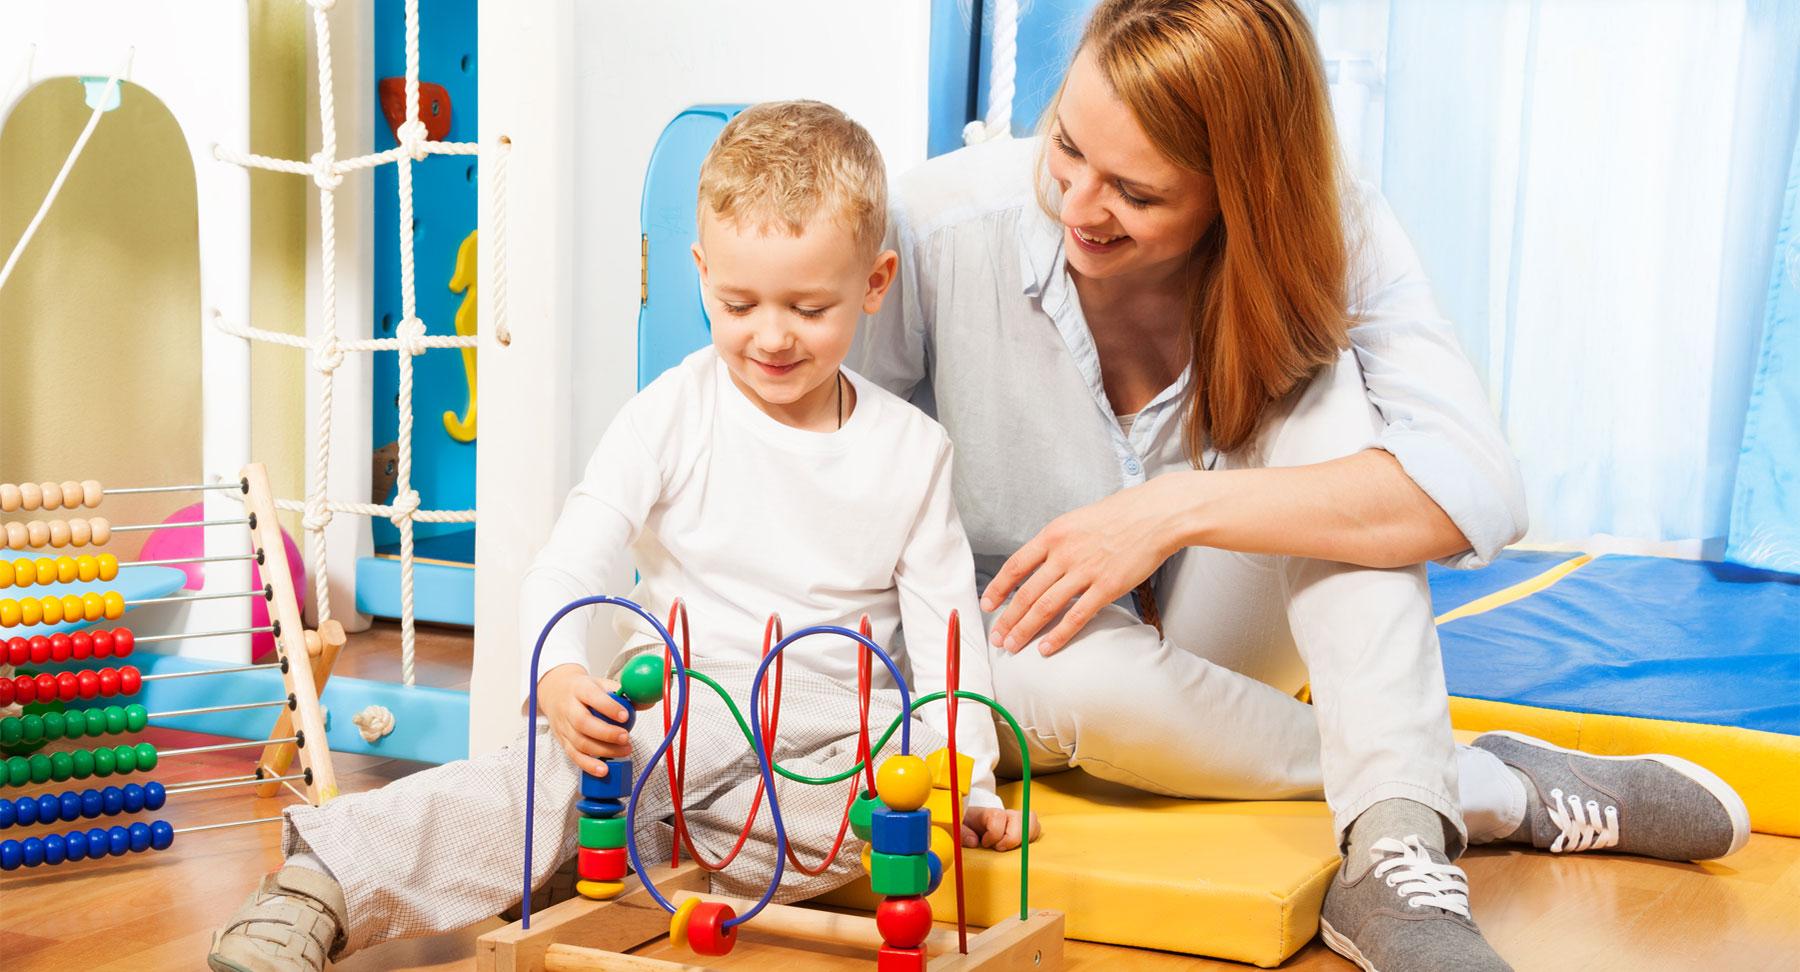 childs speech development